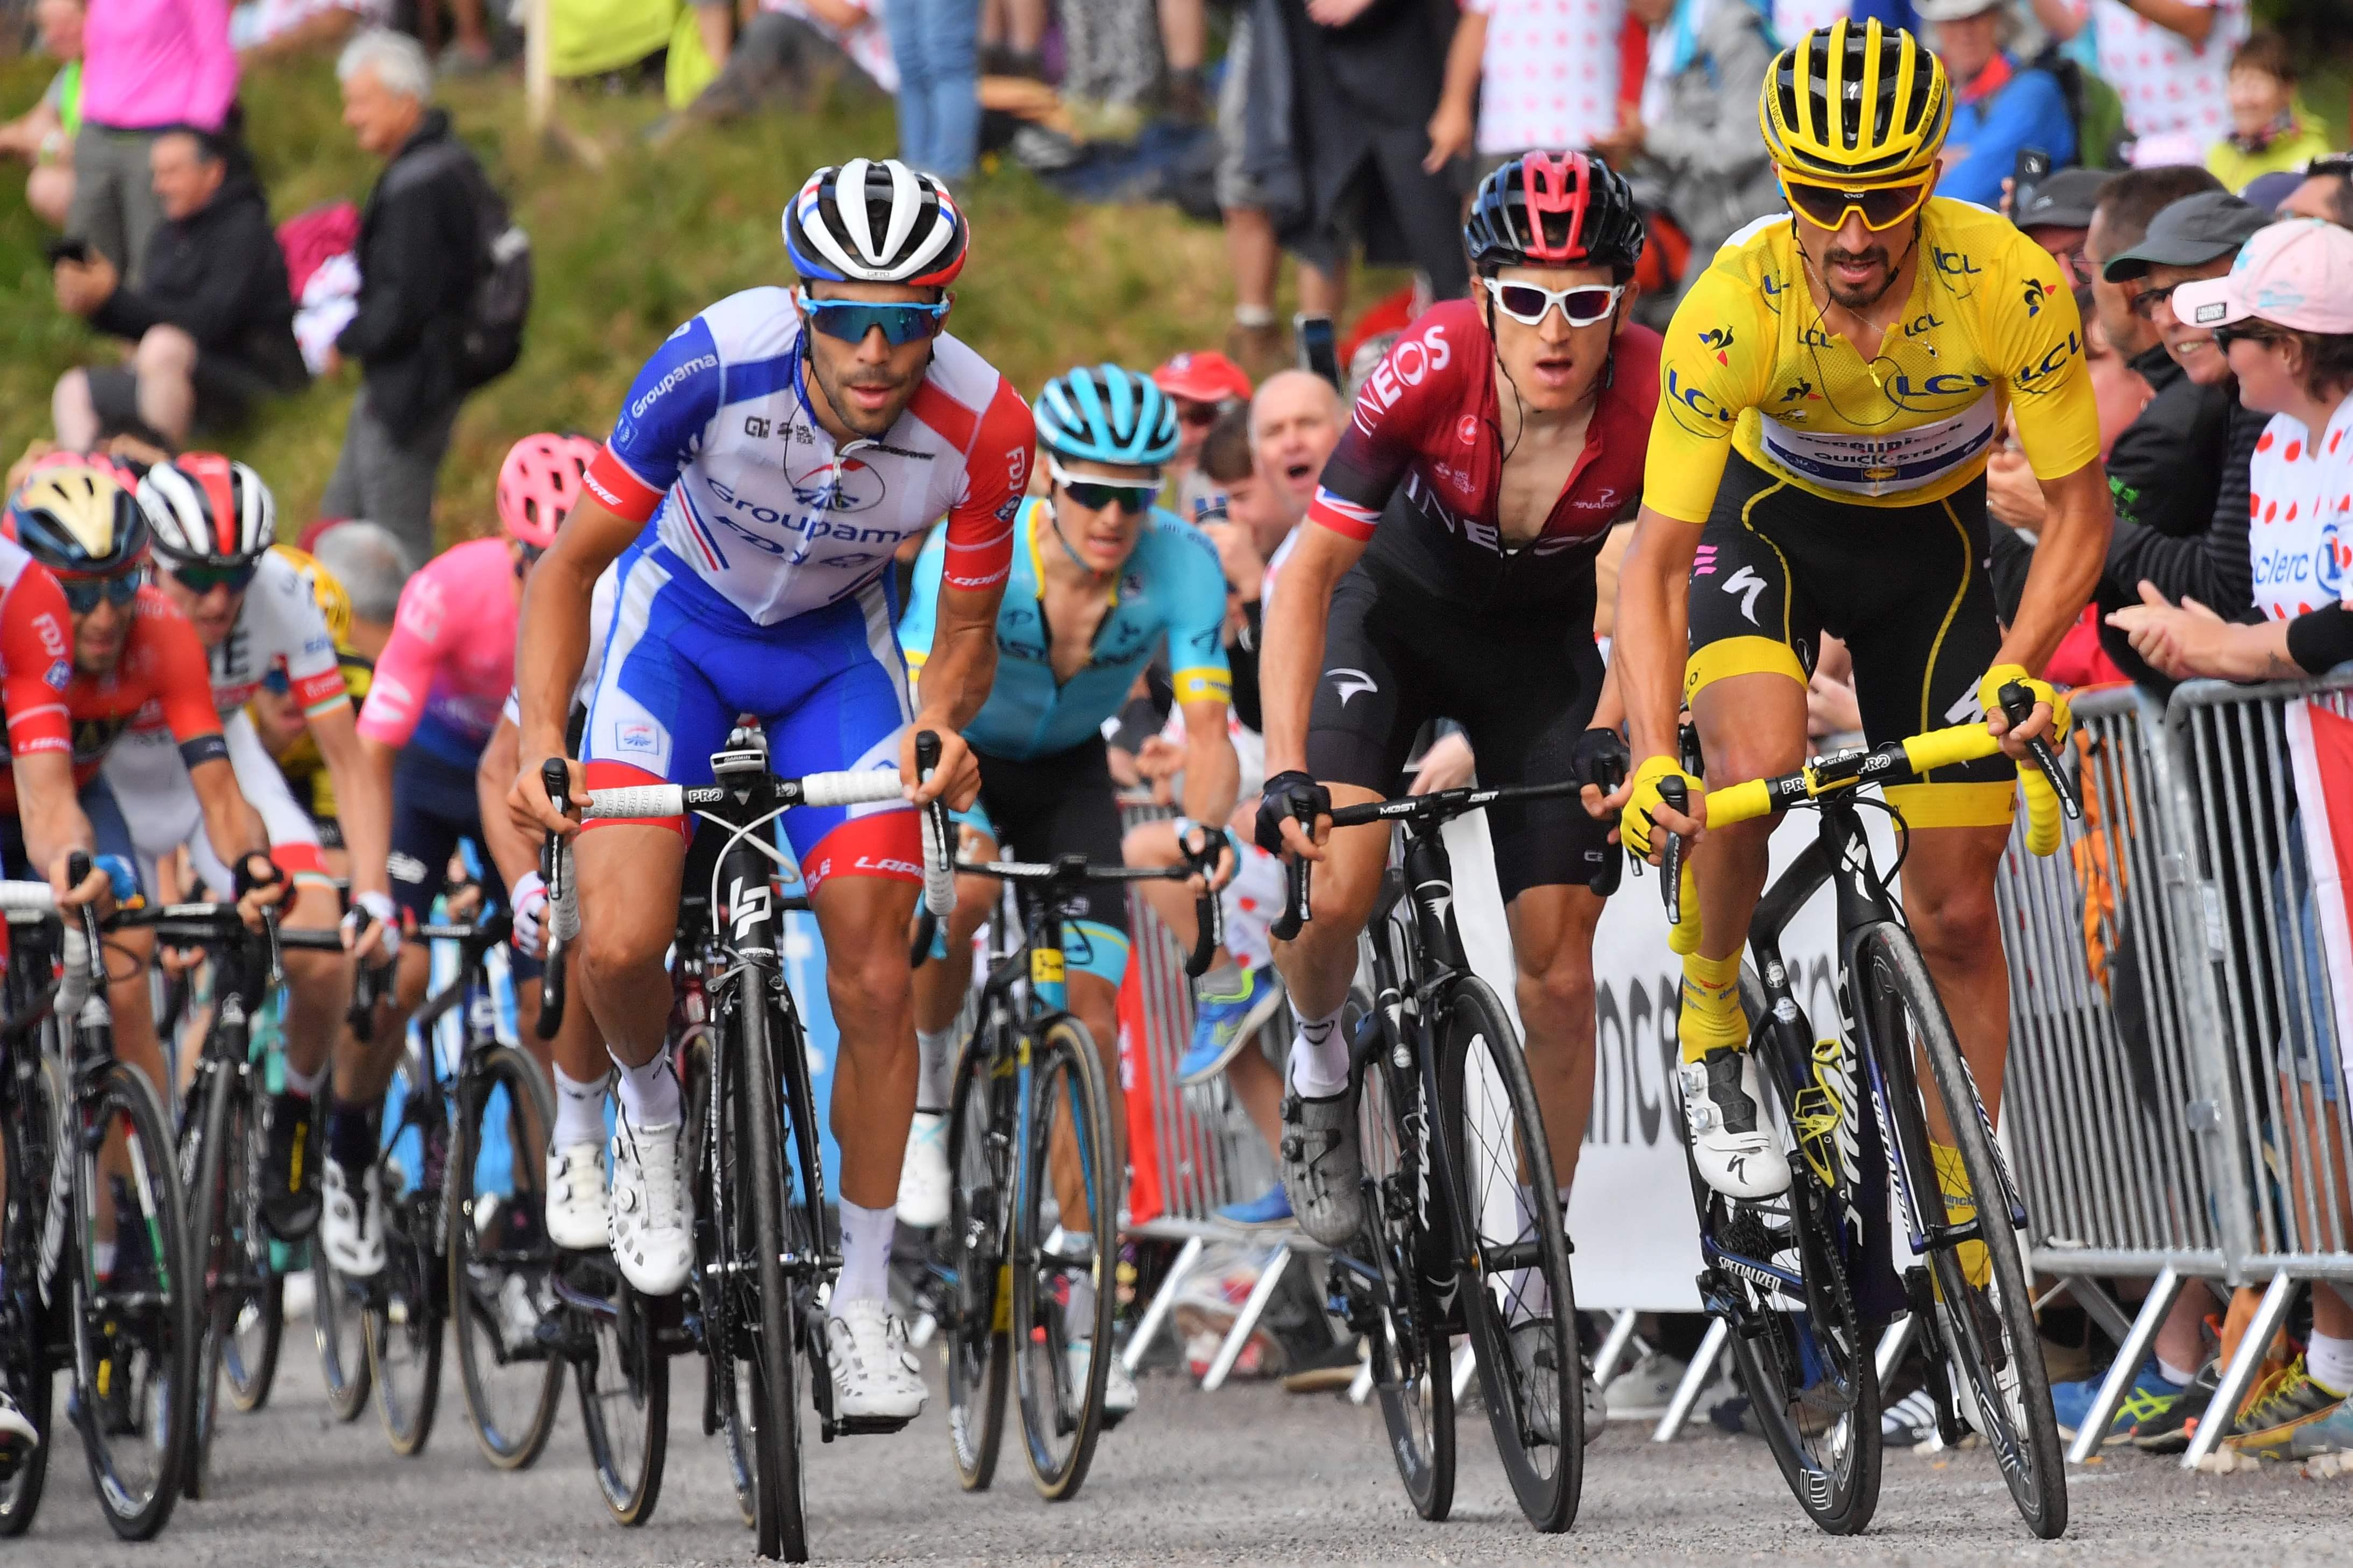 Cyclisme - Tour de France - Tour de France 2019 : Alaphilippe, Pinot, Ineos... le premier bilan après 10 étapes